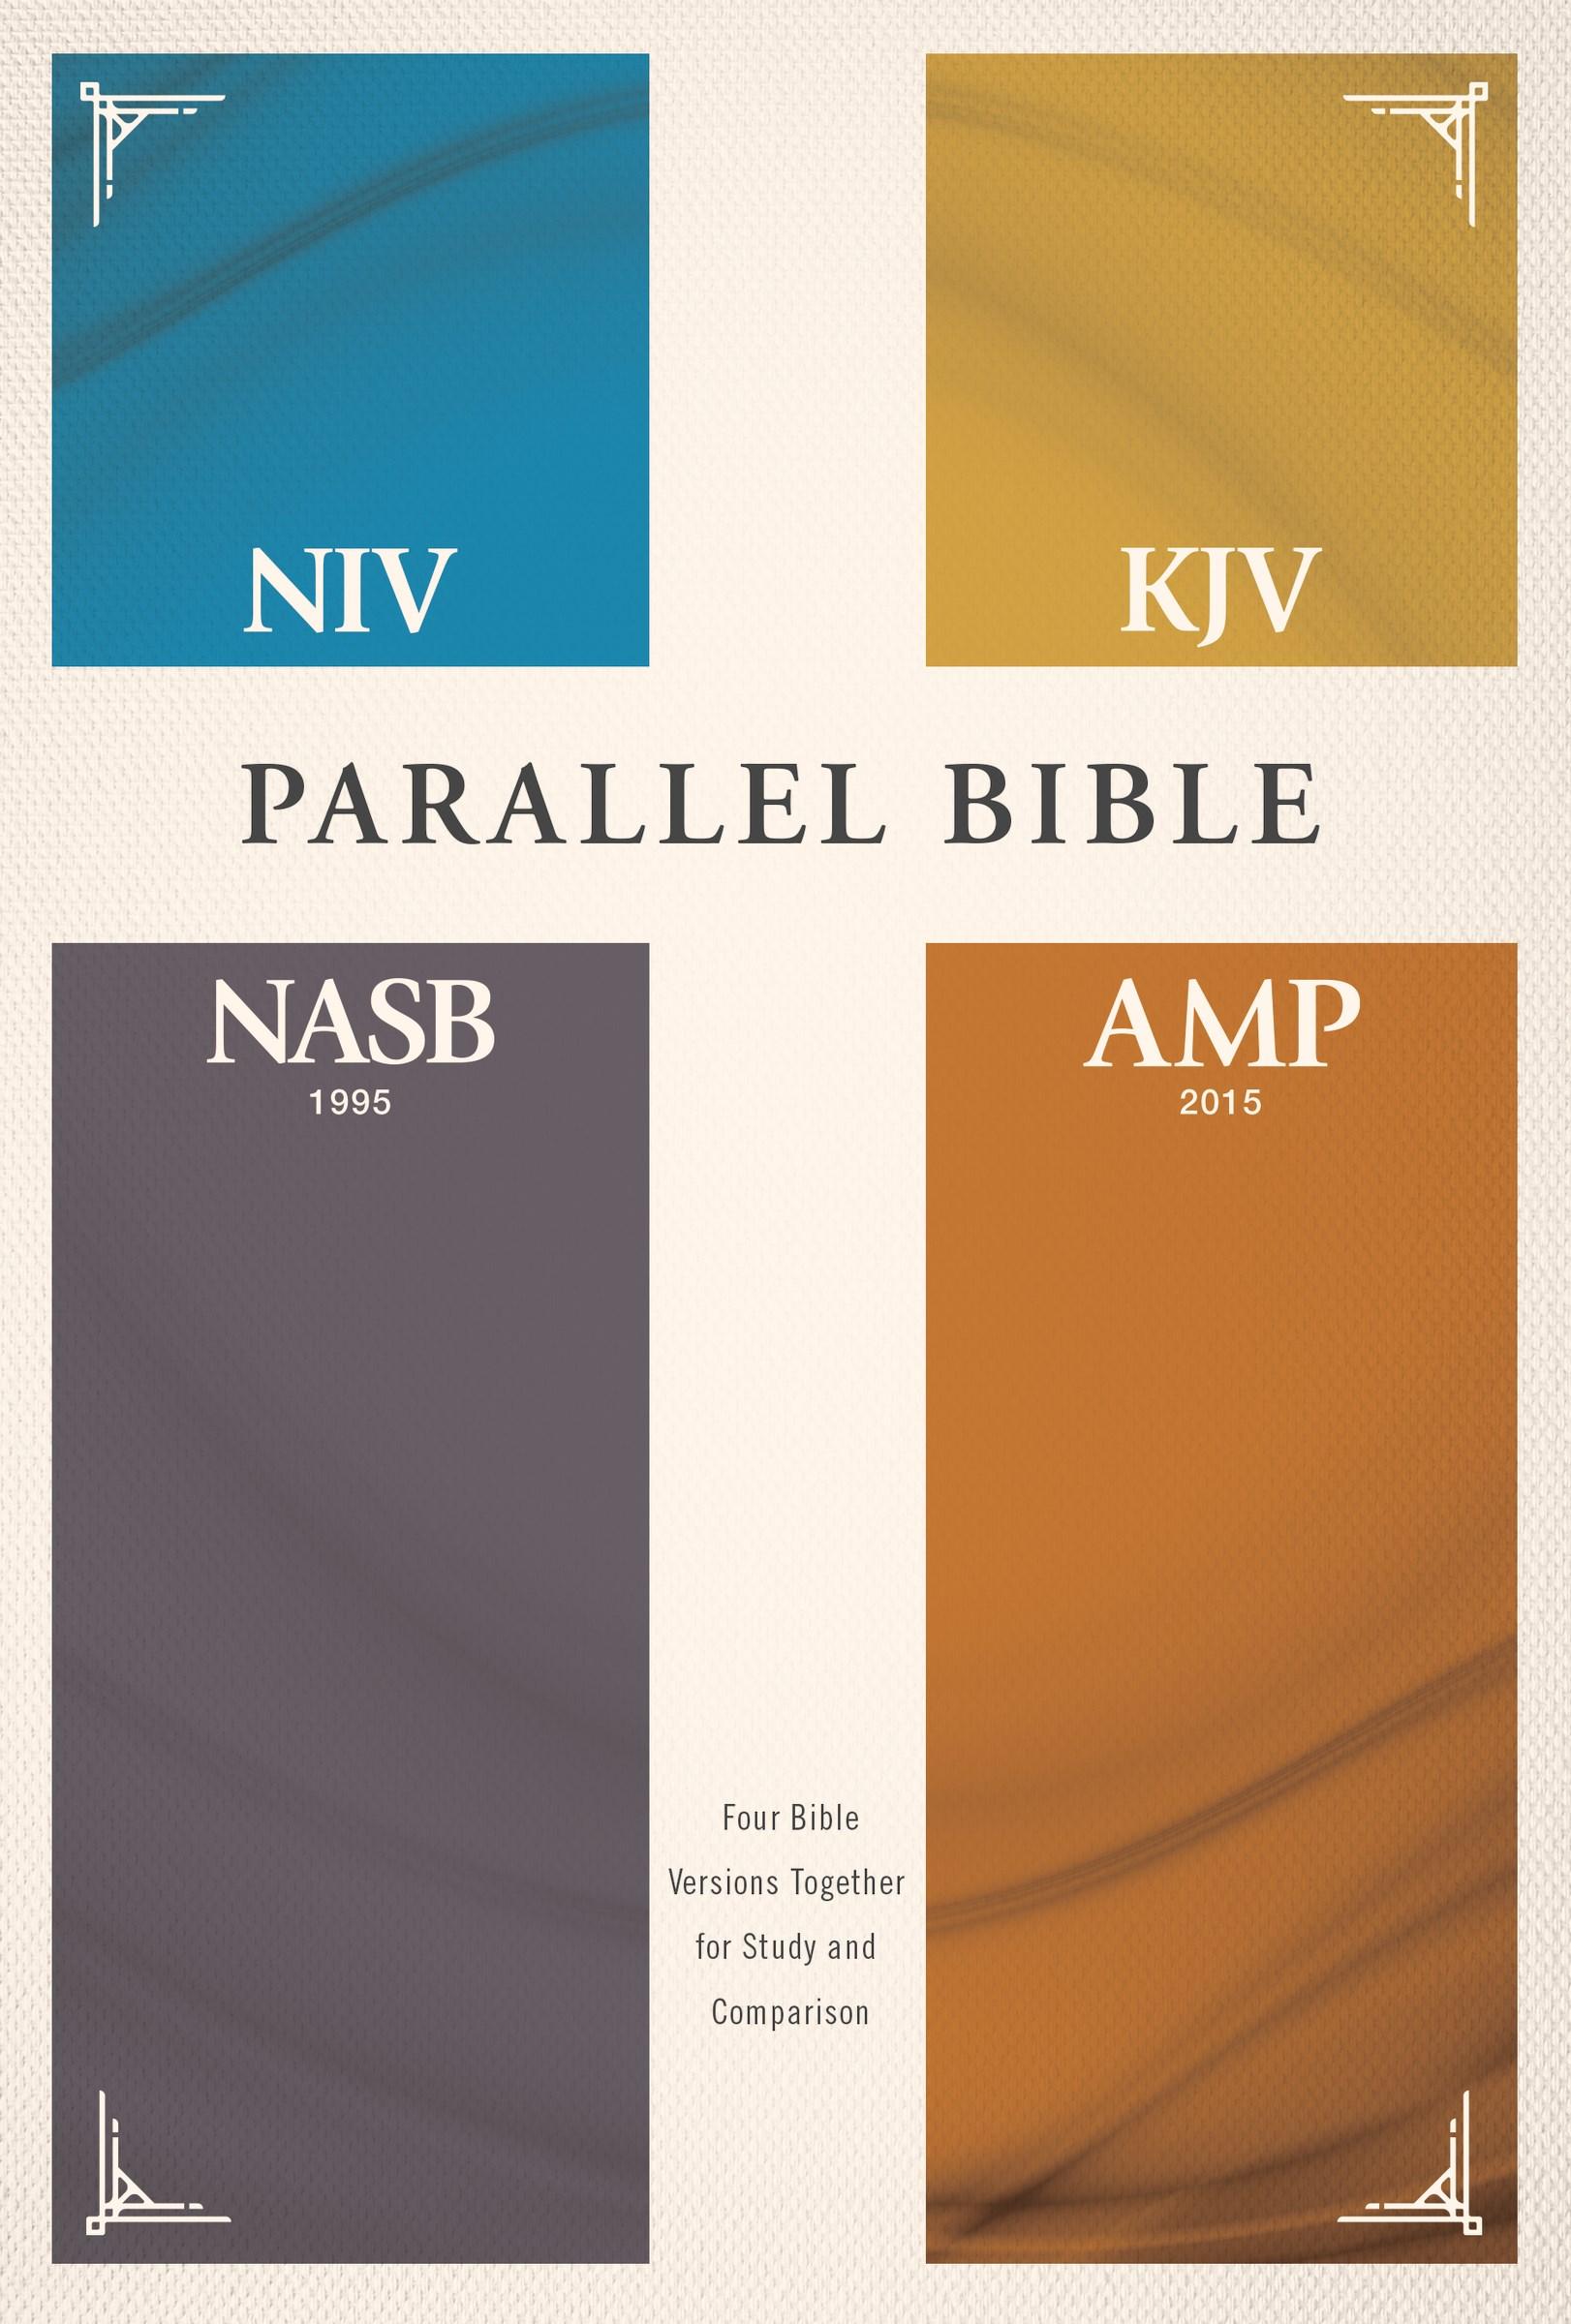 NIV/KJV/NASB/Amplified Parallel Bible-Hardcover